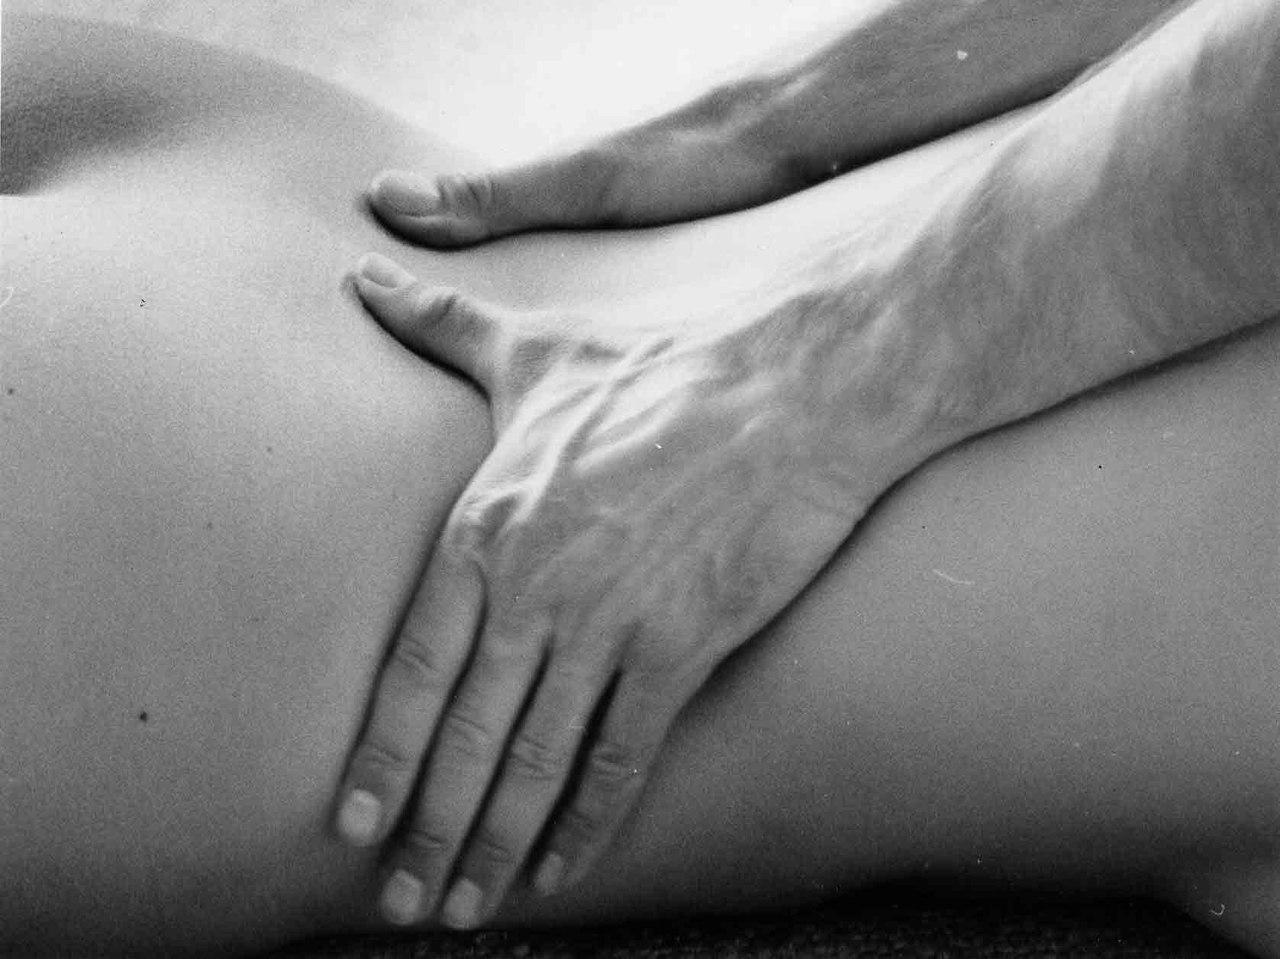 eroticheskiy-massazh-klitora-professionalnimi-massazhistami-osmelela-zhena-i-poshla-na-gruppovushku